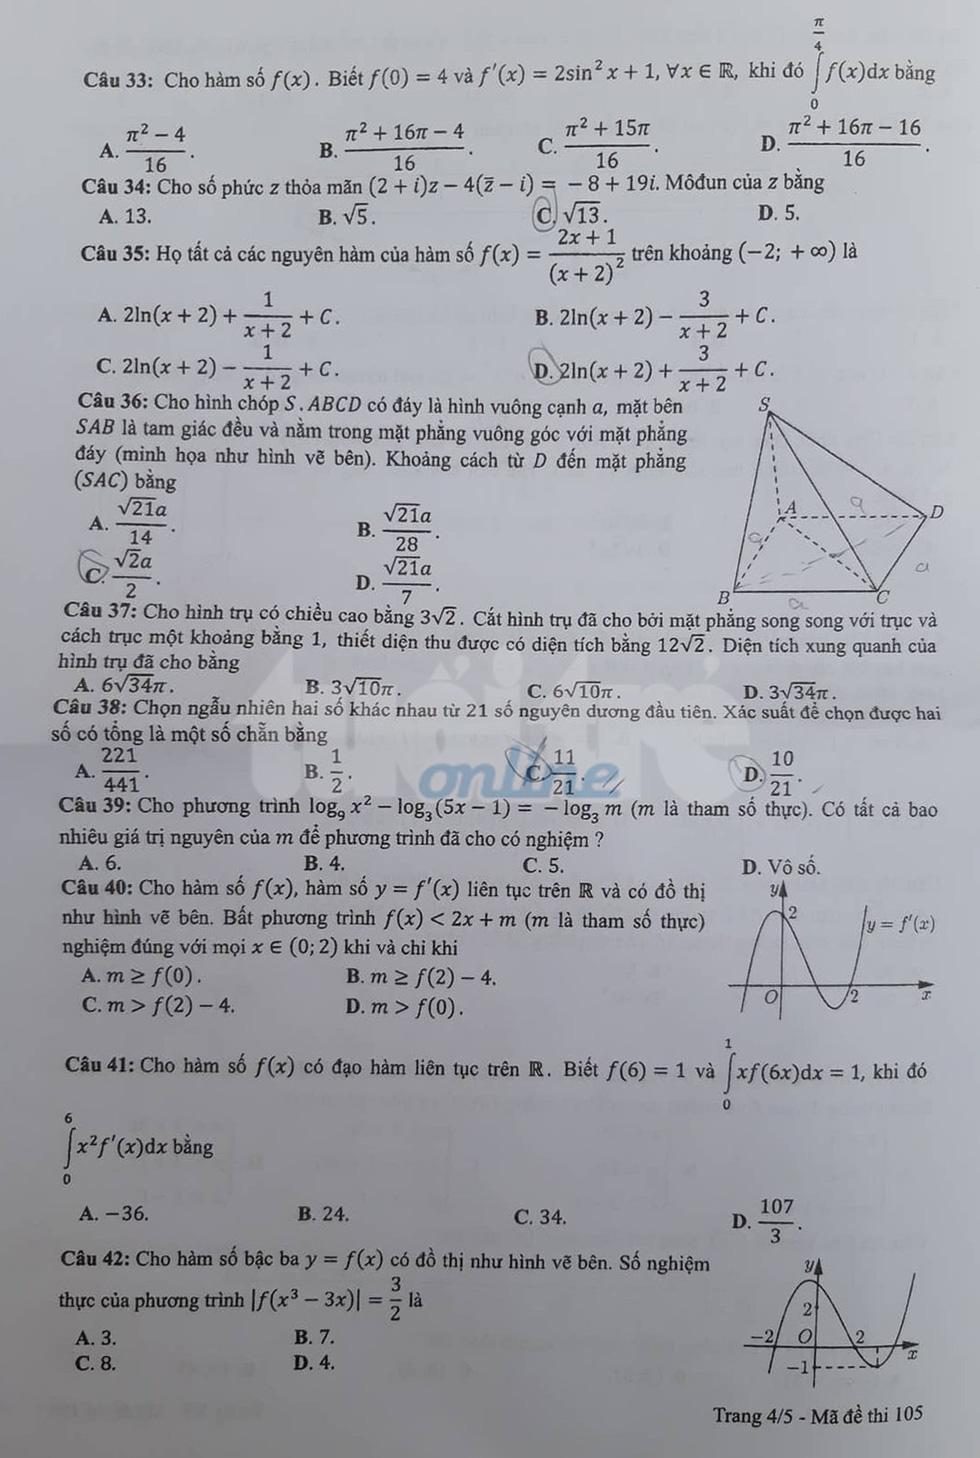 Đáp án môn toán thi THPT quốc gia 2019 - Ảnh 28.